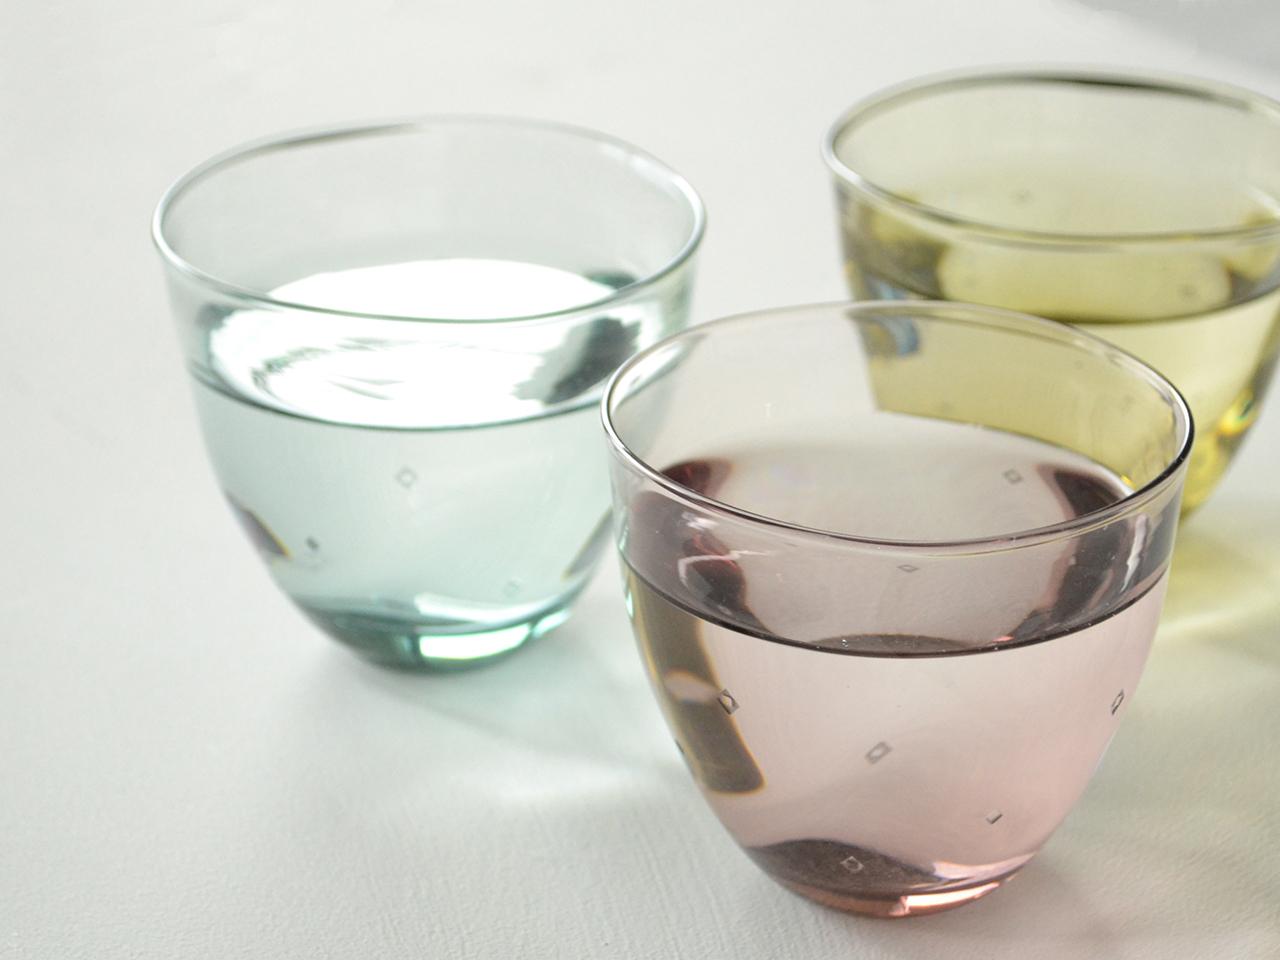 [NEW]白神ガラス工房 こぎん硝子 ゆらめきこぎんグラス